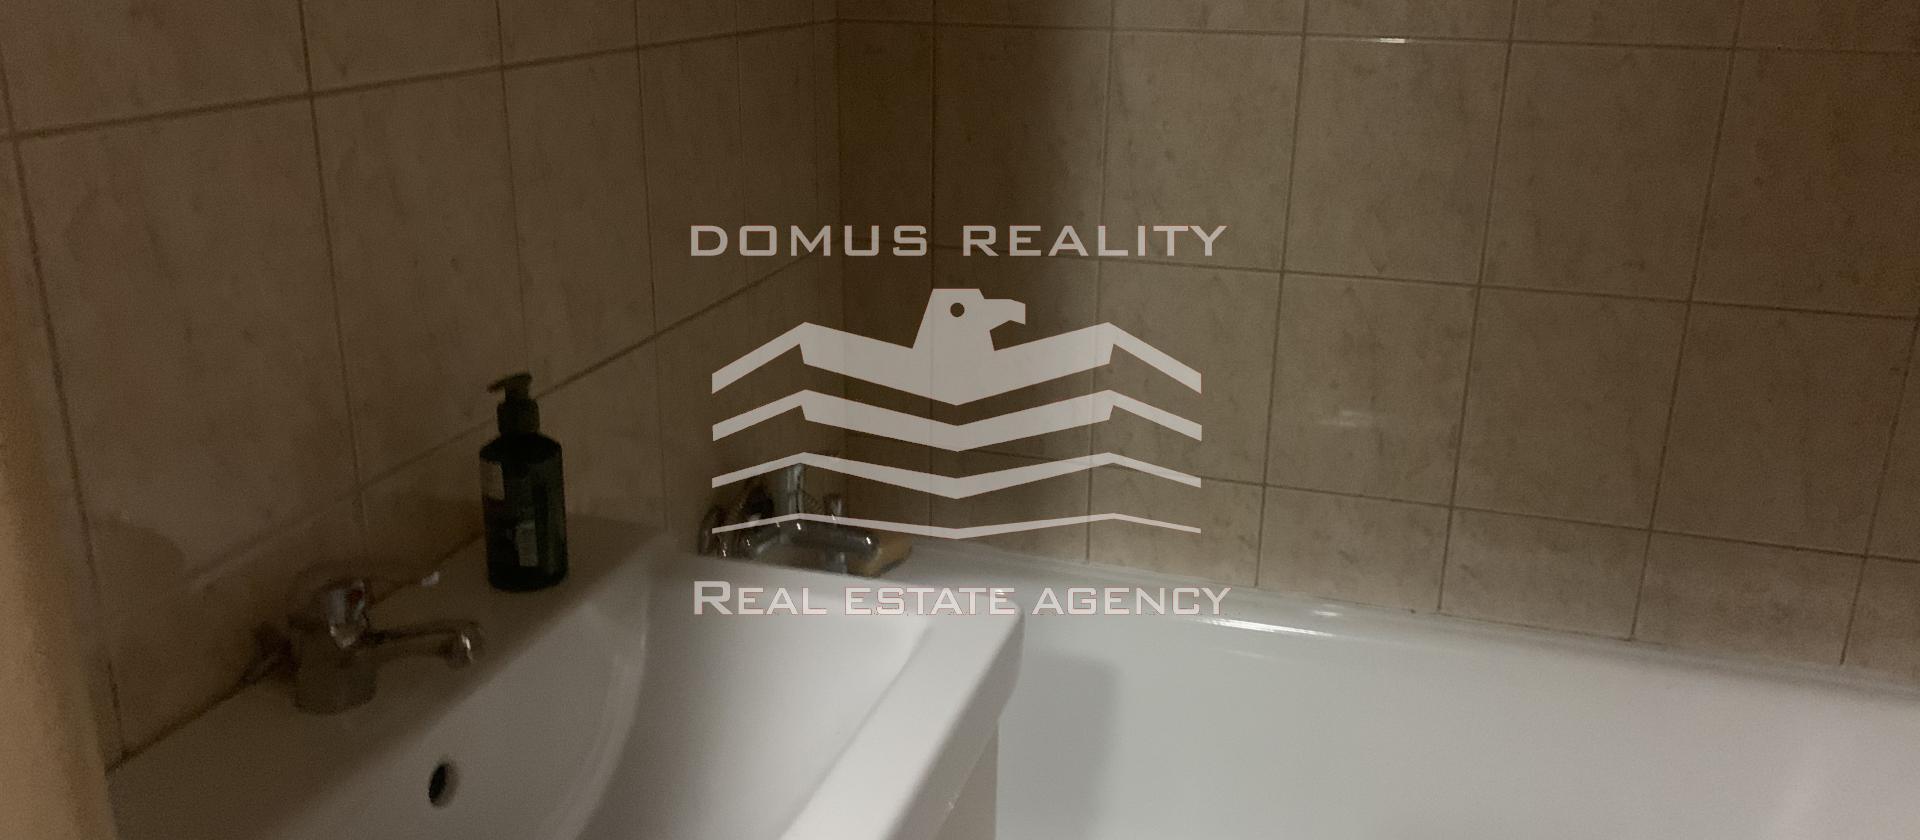 Nabízím k prodeji byt 2+1 s celkovou podlahovou plochou 53,80 m2